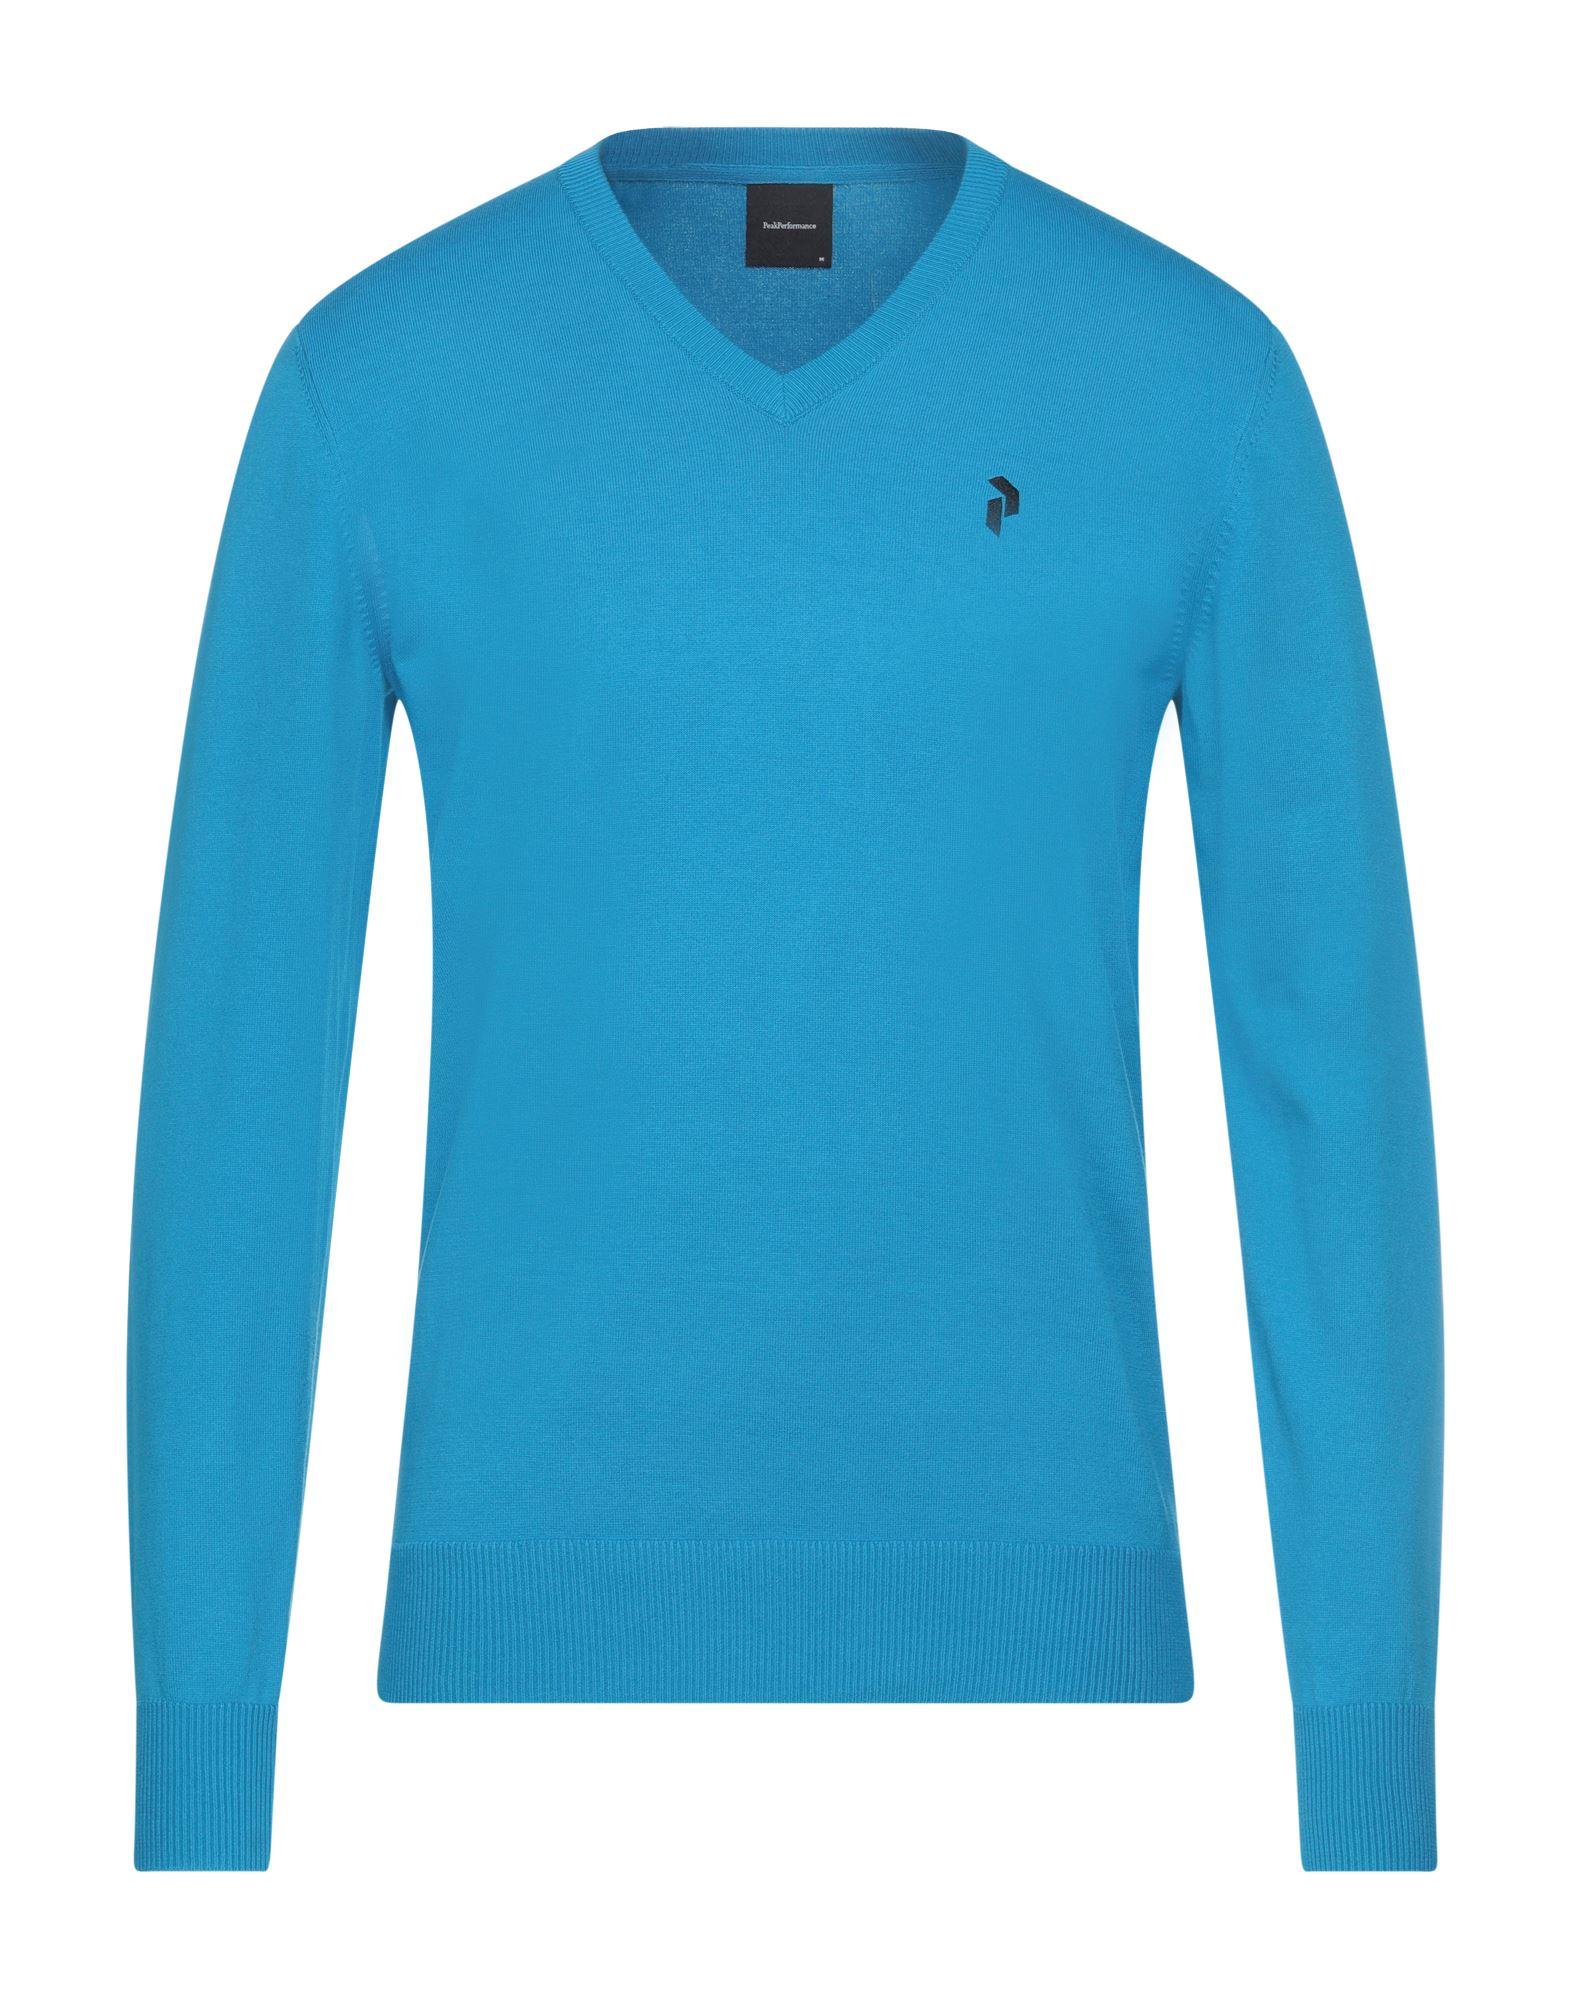 PEAK PERFORMANCE Sweaters - Item 14108995